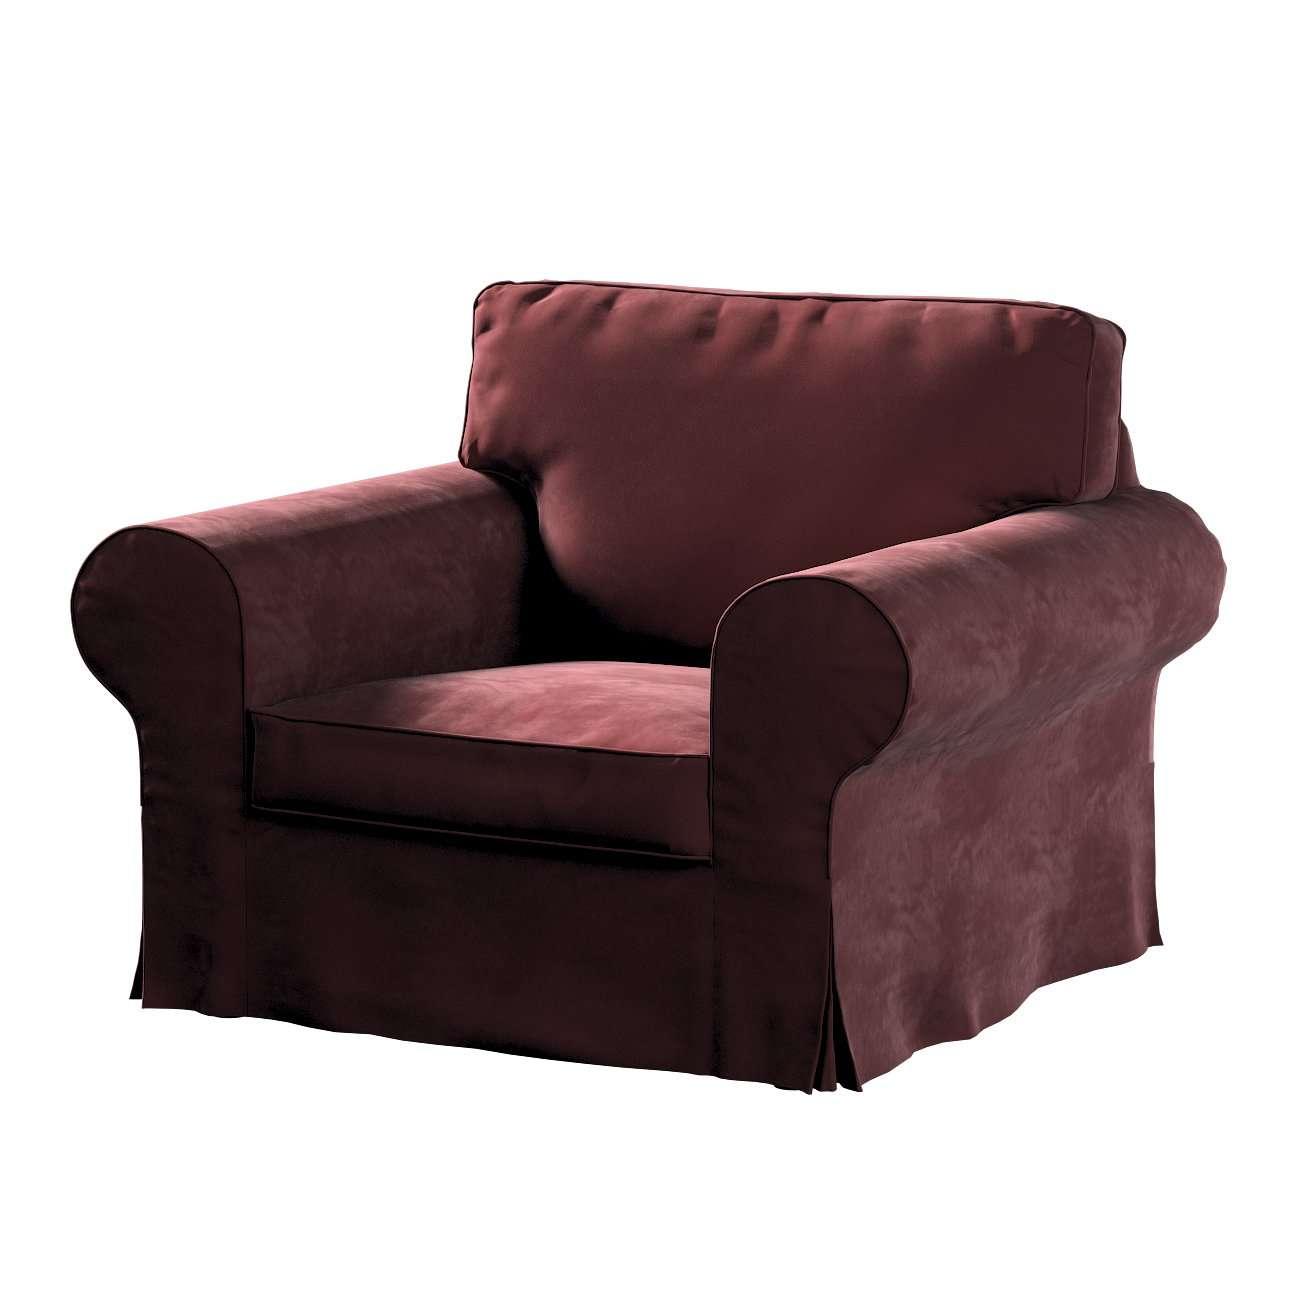 Pokrowiec na fotel Ektorp w kolekcji Velvet, tkanina: 704-26